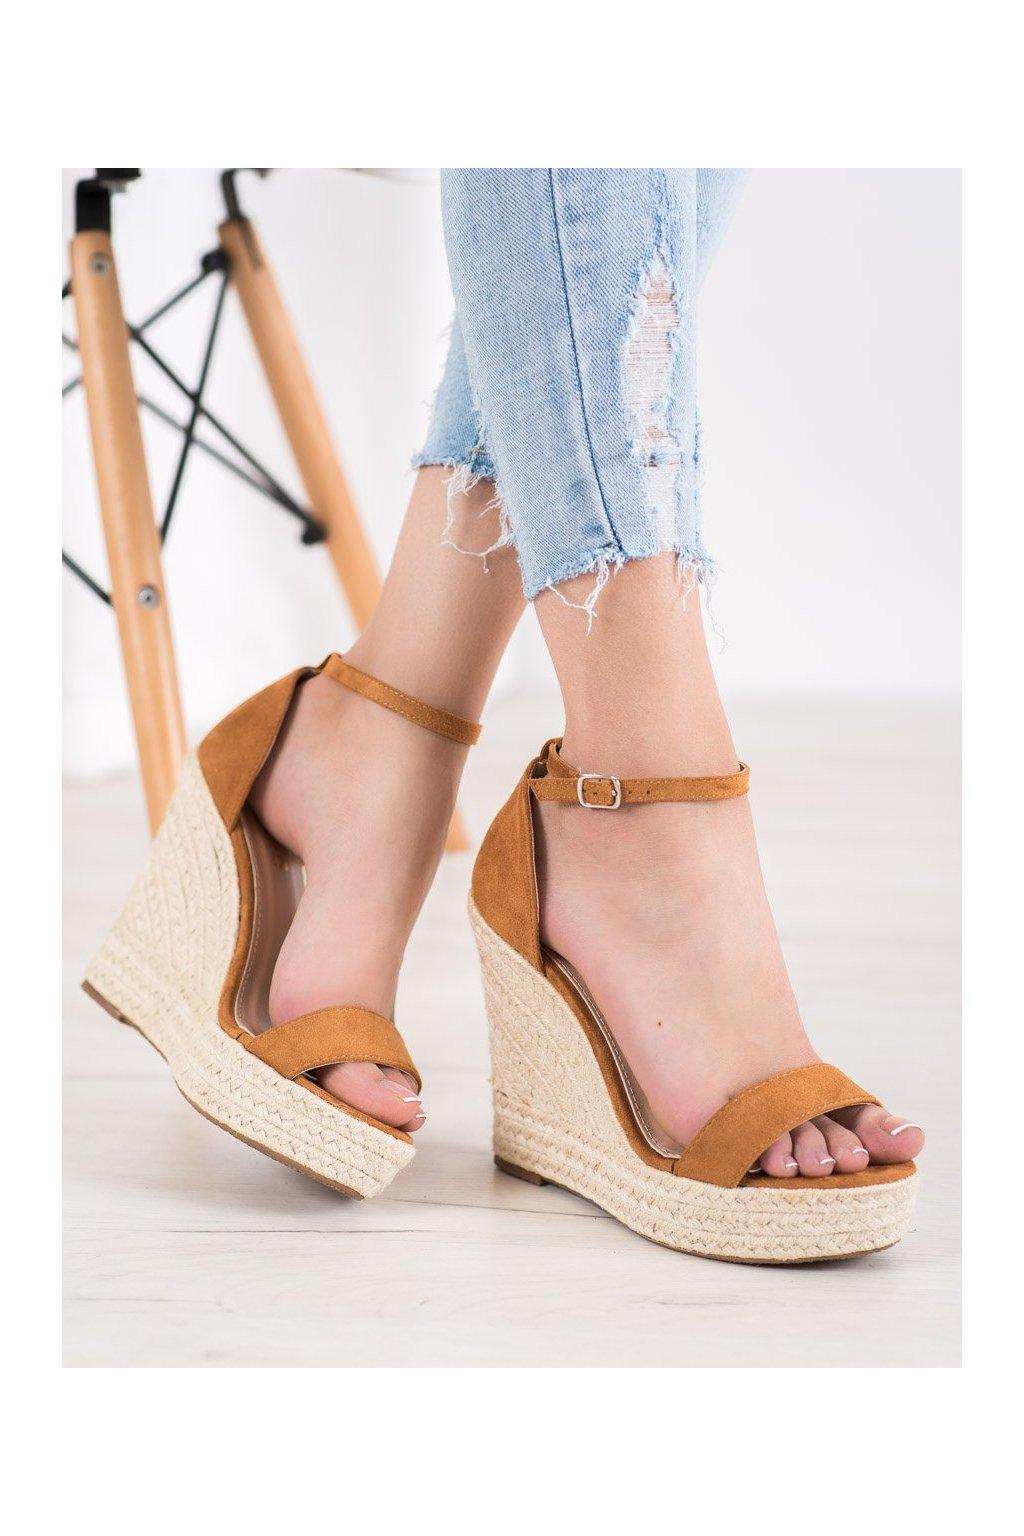 Hnedé sandále Shelovet kod NGSJ-3C